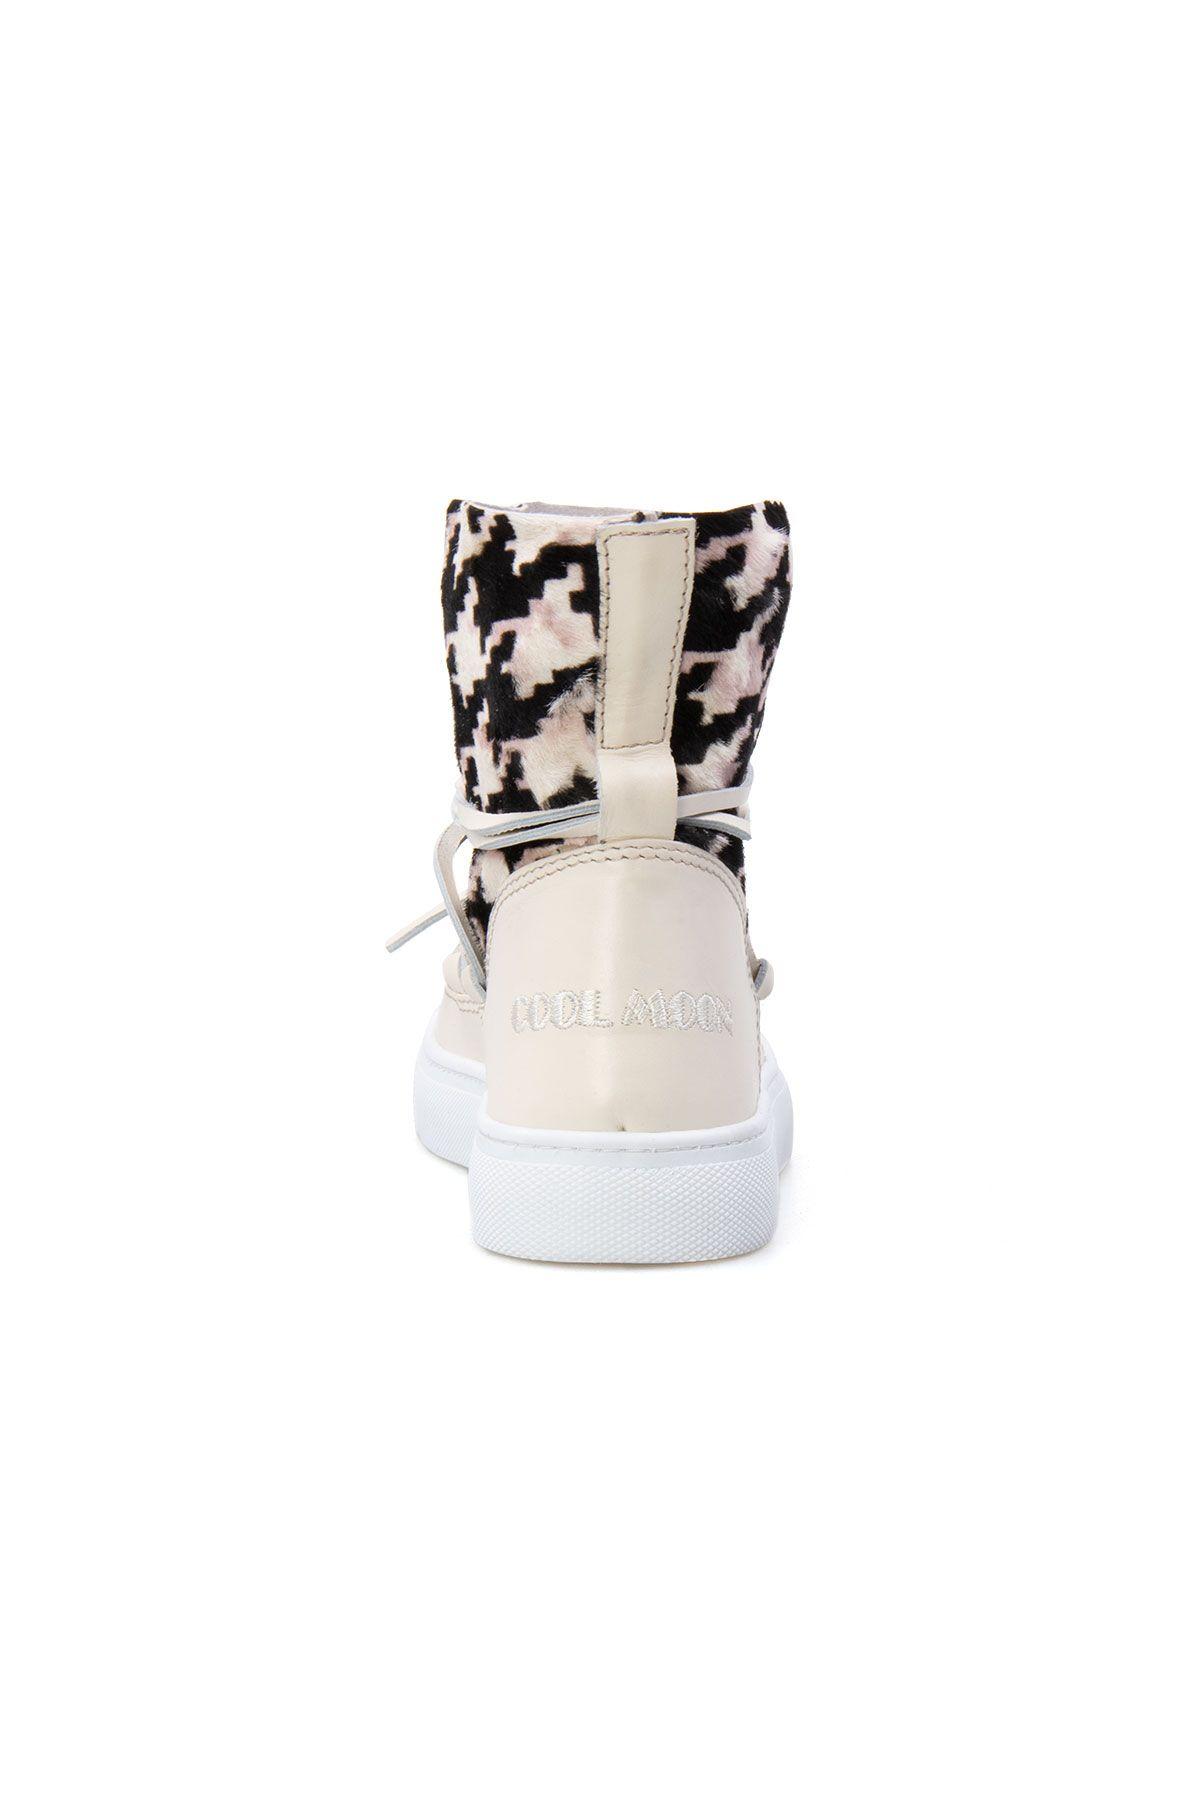 Cool Moon Genuine Leather Women's Sneaker CM1030 Beige